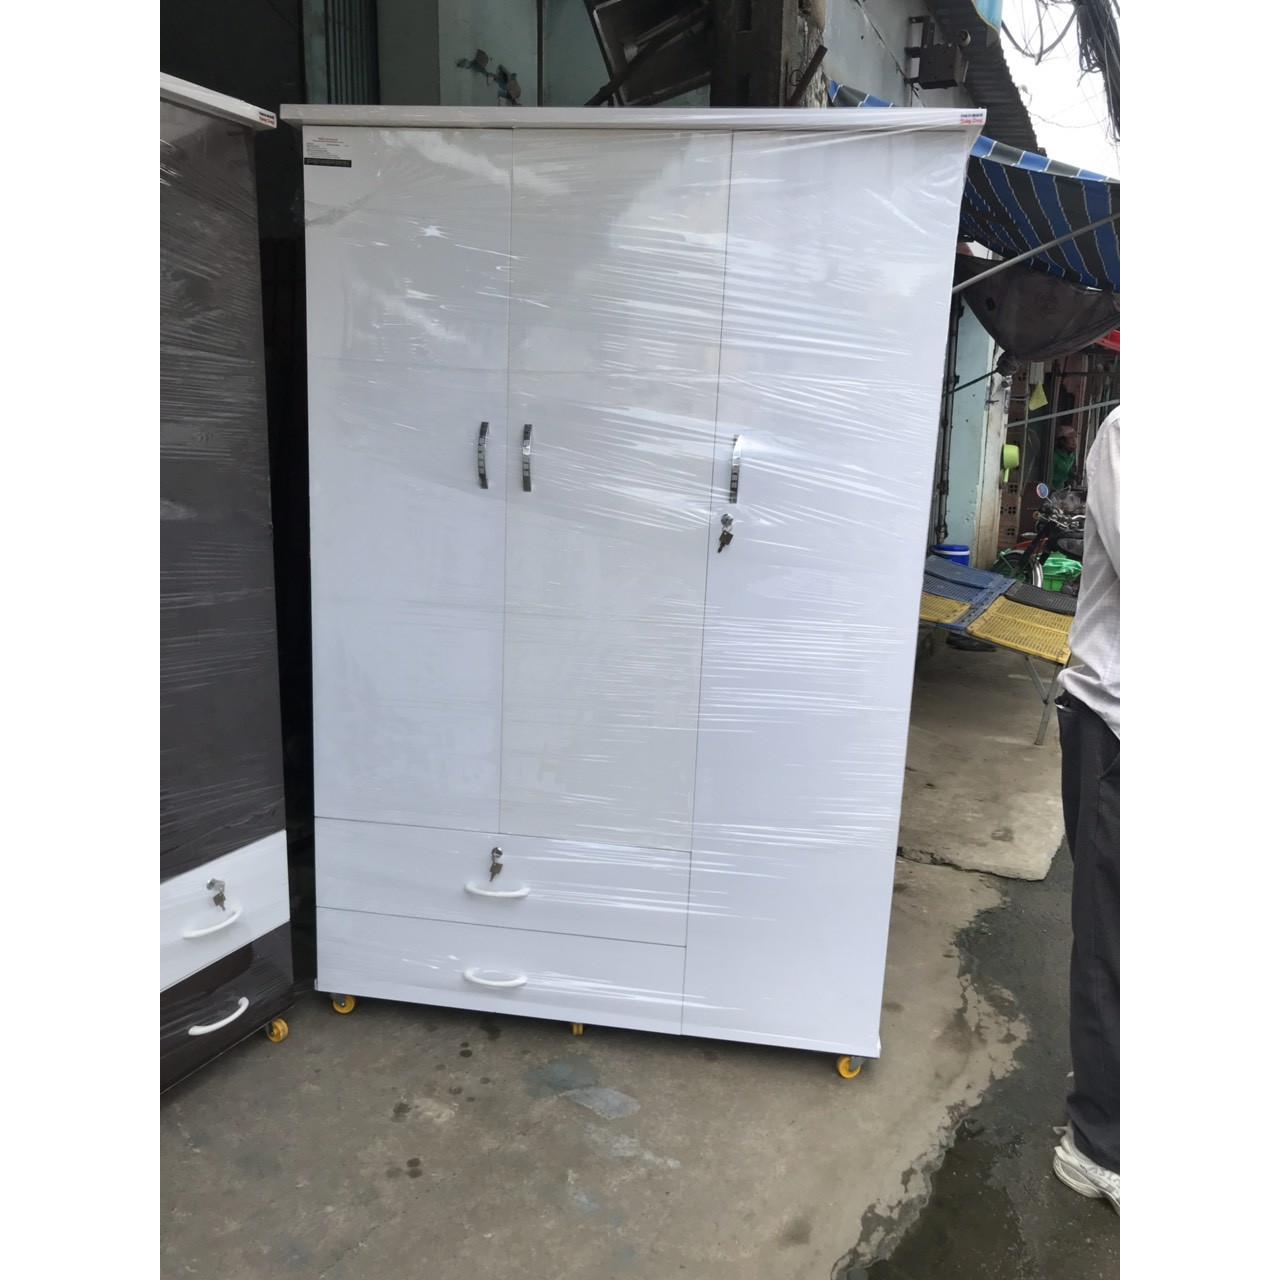 Tủ quần áo bằng nhựa đài loan 1m85 x1m25x48cm